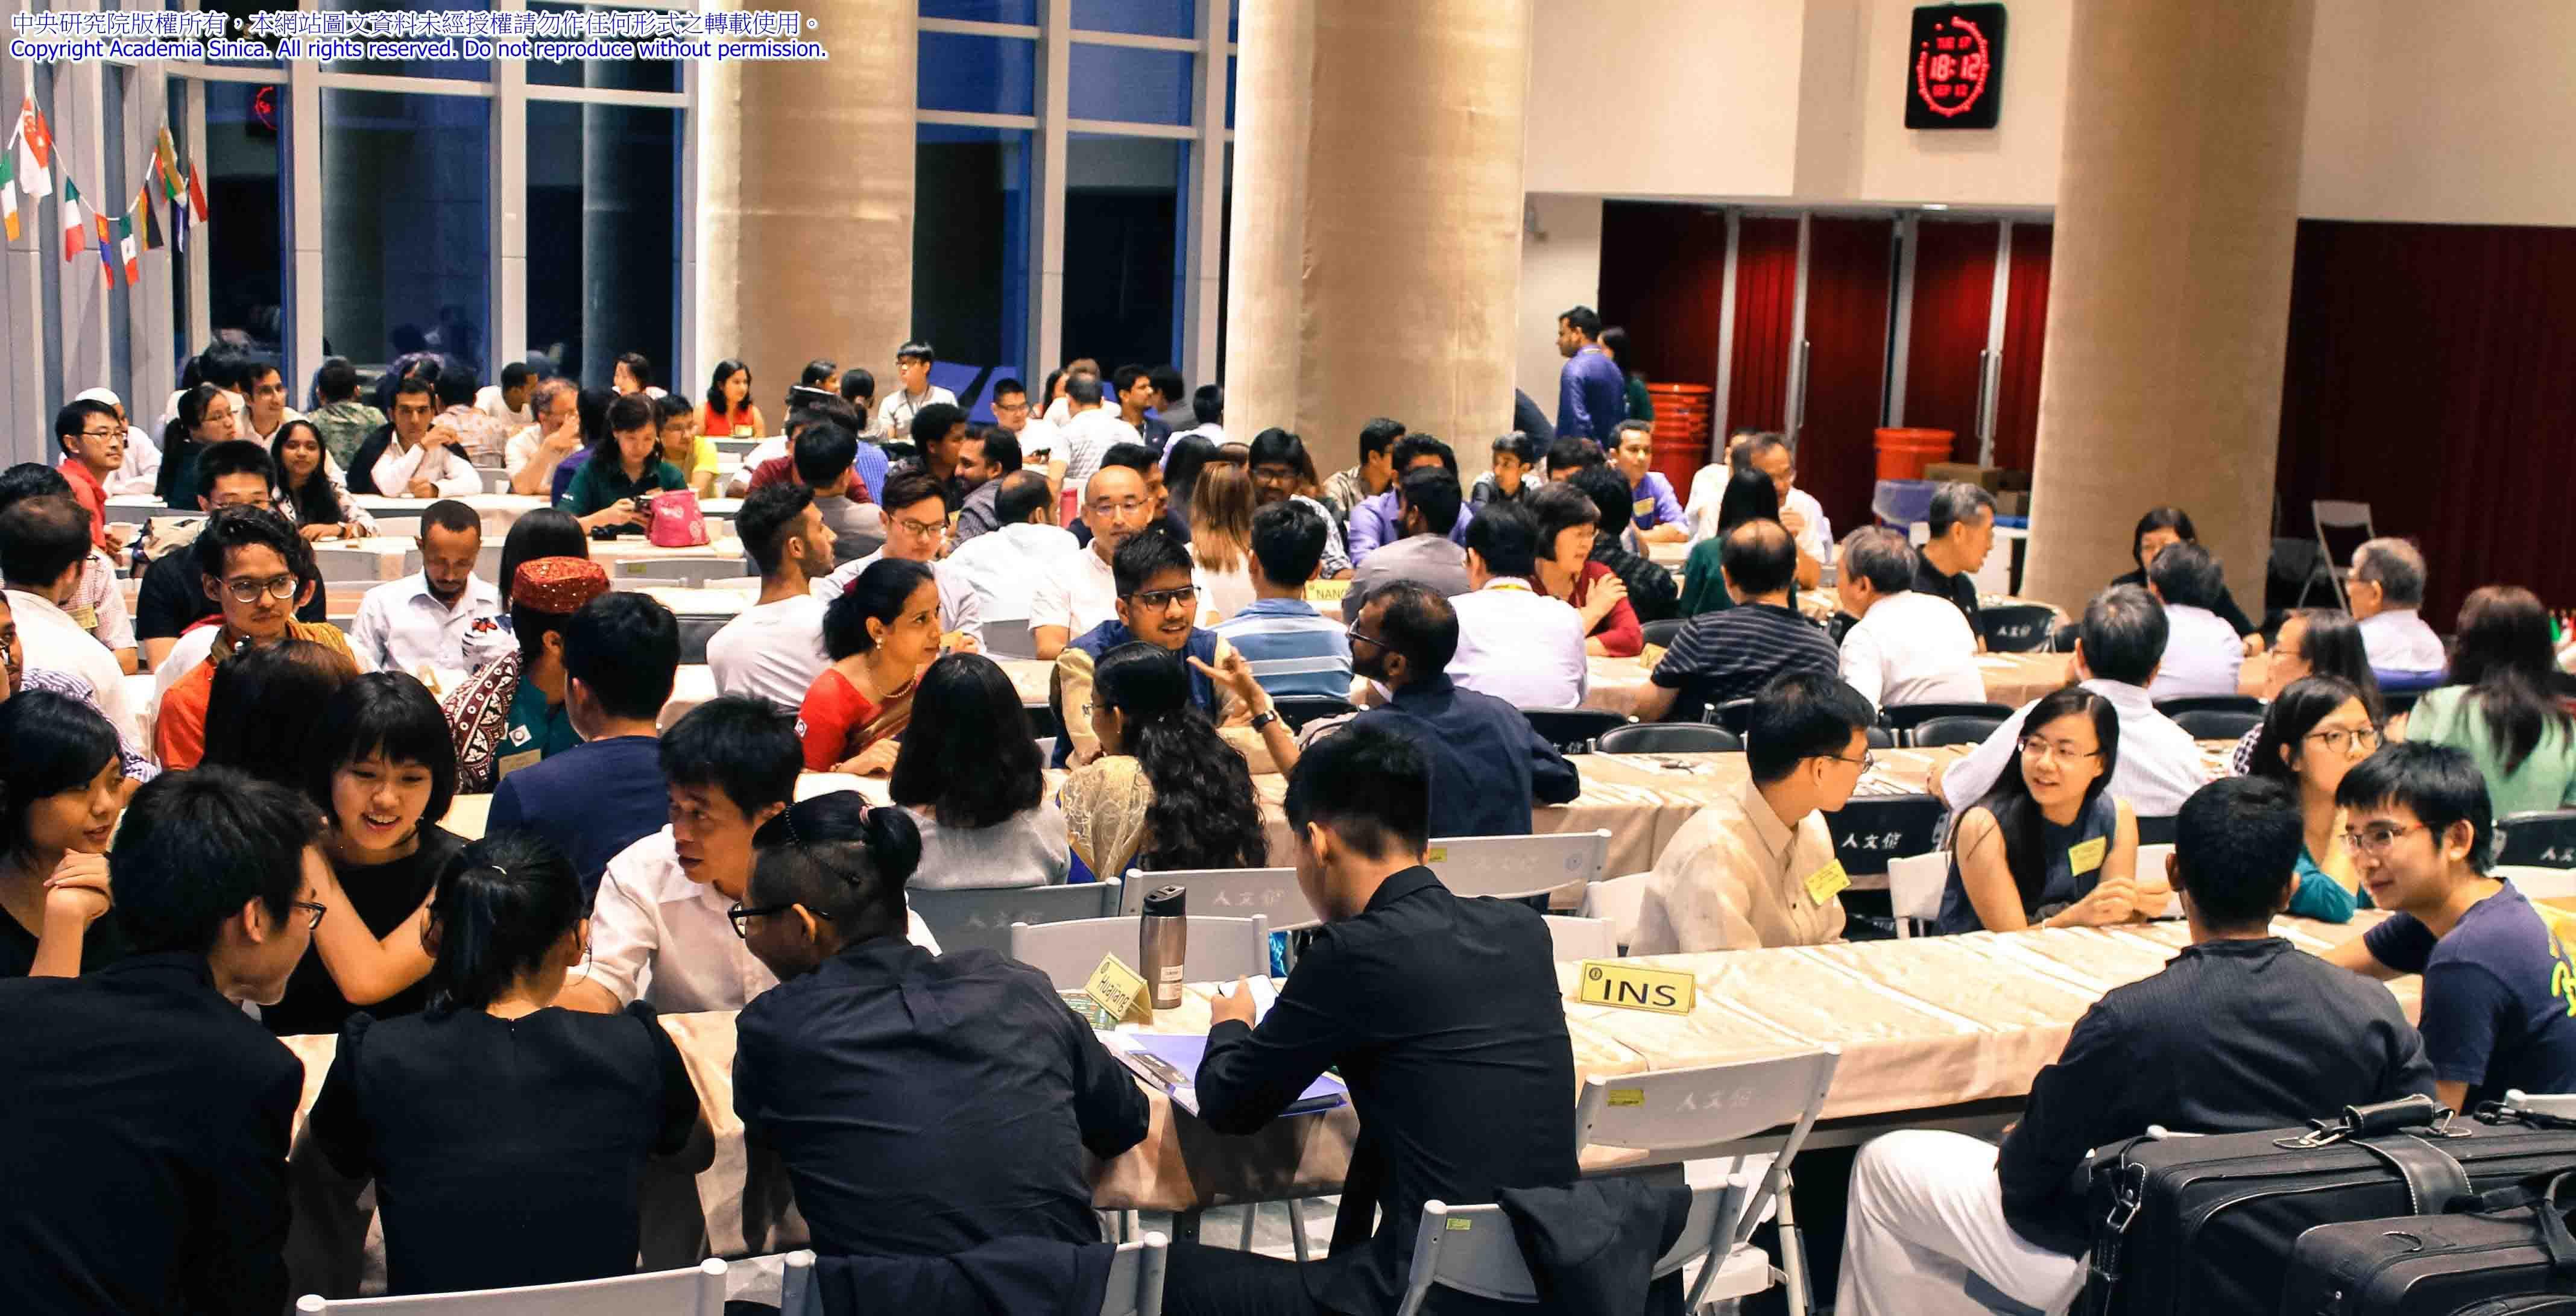 在 TIGP 學程中,有機會和來自 36 國的外籍同學交流,並使用中研院的尖端儀器。上課討論為全英文授課,師資除了中研院的研究人員,也包含與學程合作的國內各校老師。圖│2017-09-12 TIGP Welcome Party